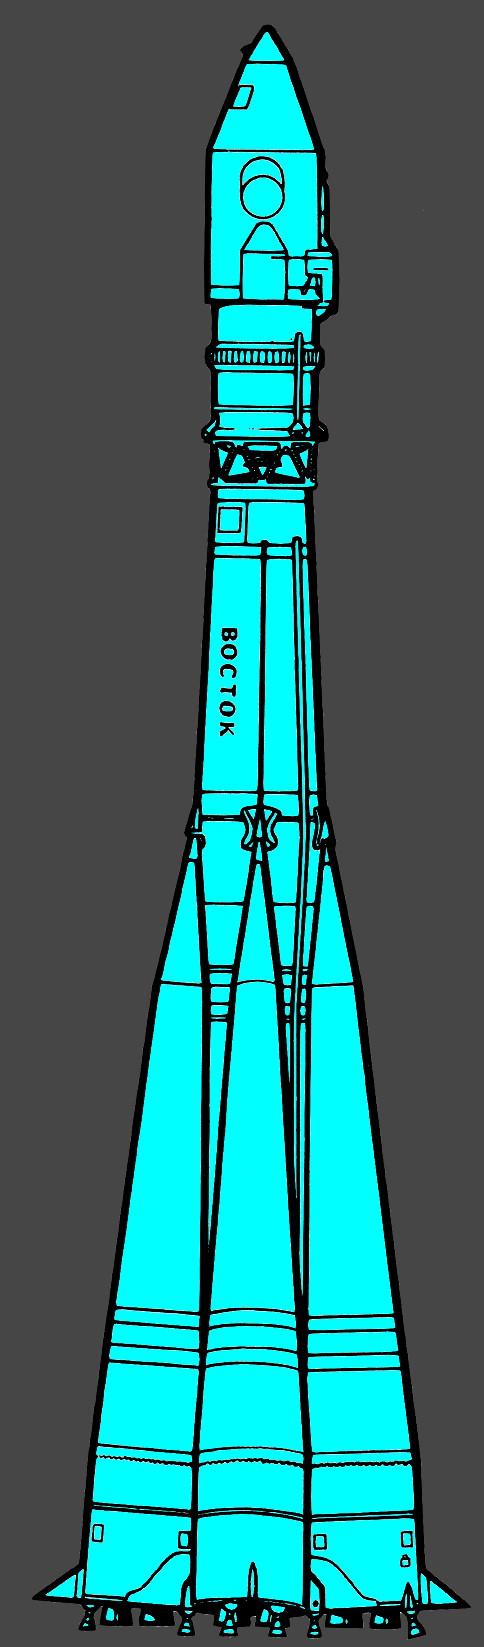 vostok rocket model - photo #20